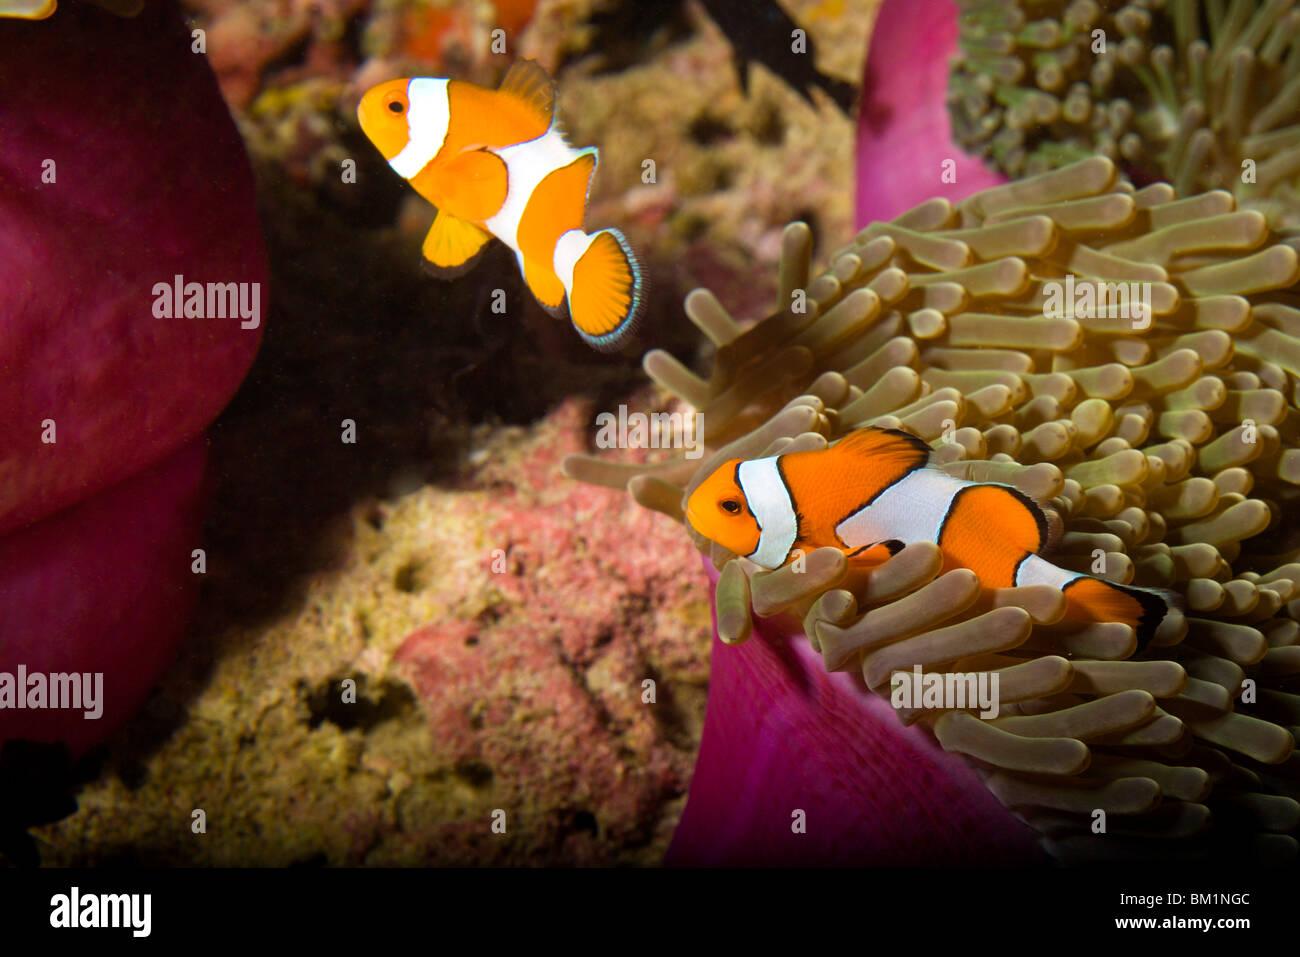 Falscher Clown Anemonenfischen Amphiprion Ocellaris Similan Islands National Marine Park südlich von Phuket Stockbild